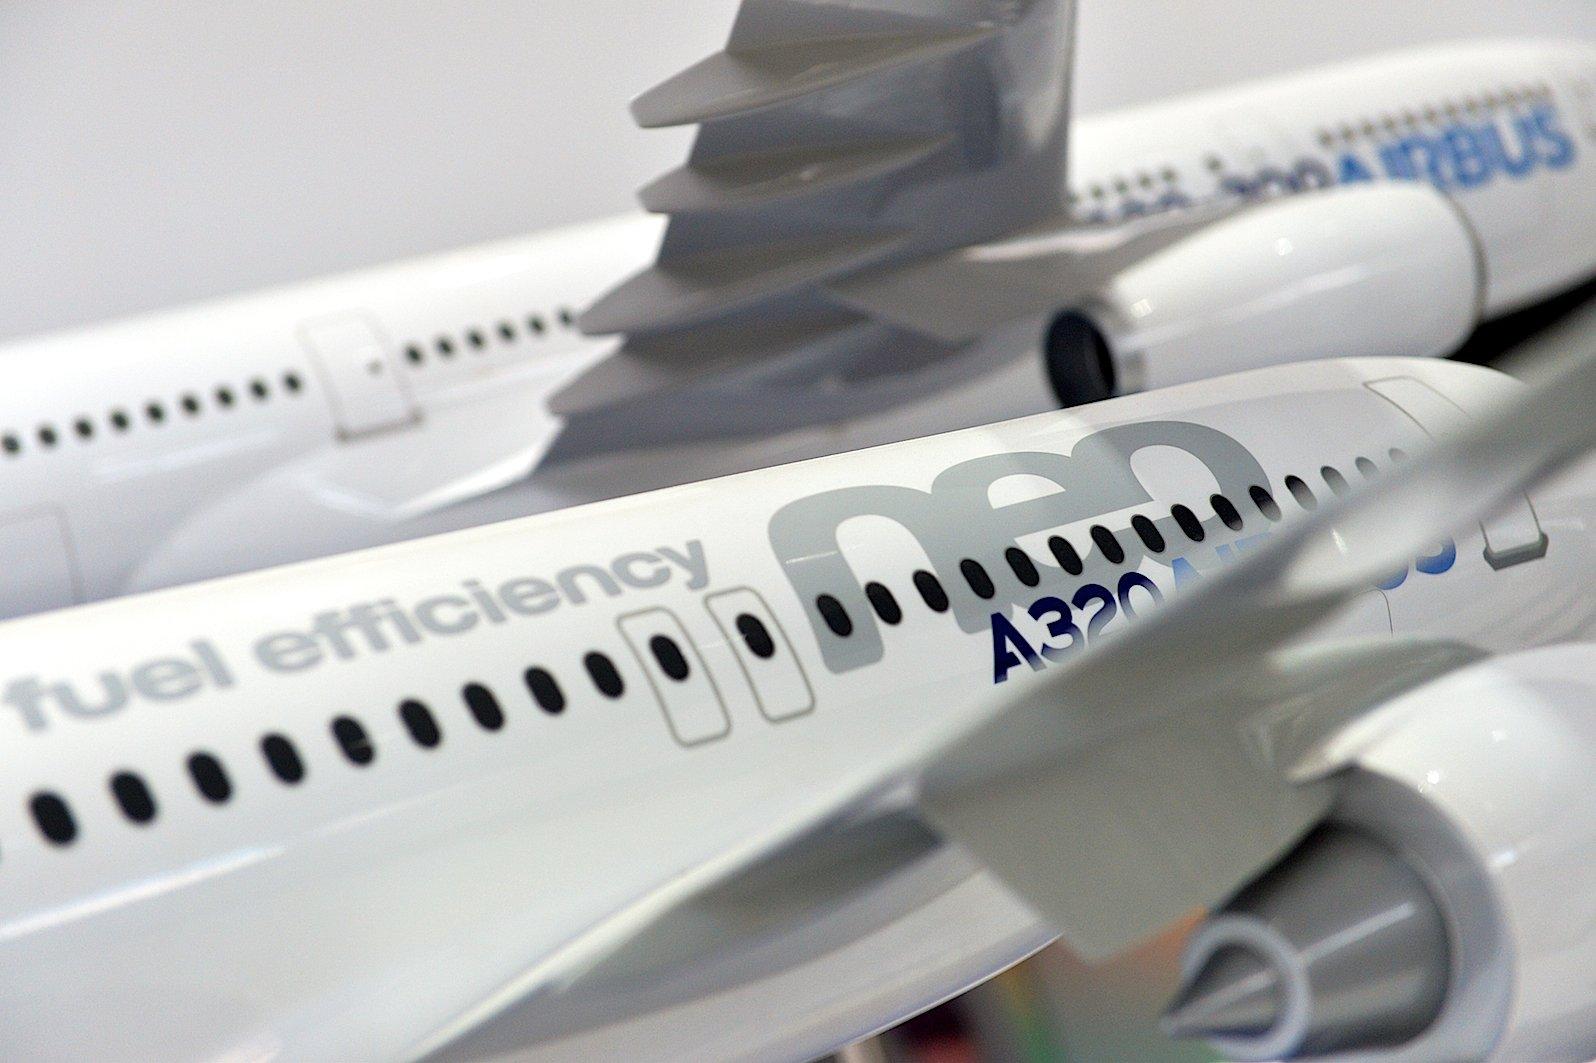 Der Airbus 320 neo wird künftig mit Einspritzdüsen für Kraftstoff aus dem 3D-Drucker ausgerüstet. Airbus arbeitet derzeit intensiv daran, weitere Bauteile im 3D-Druck herzustellen.